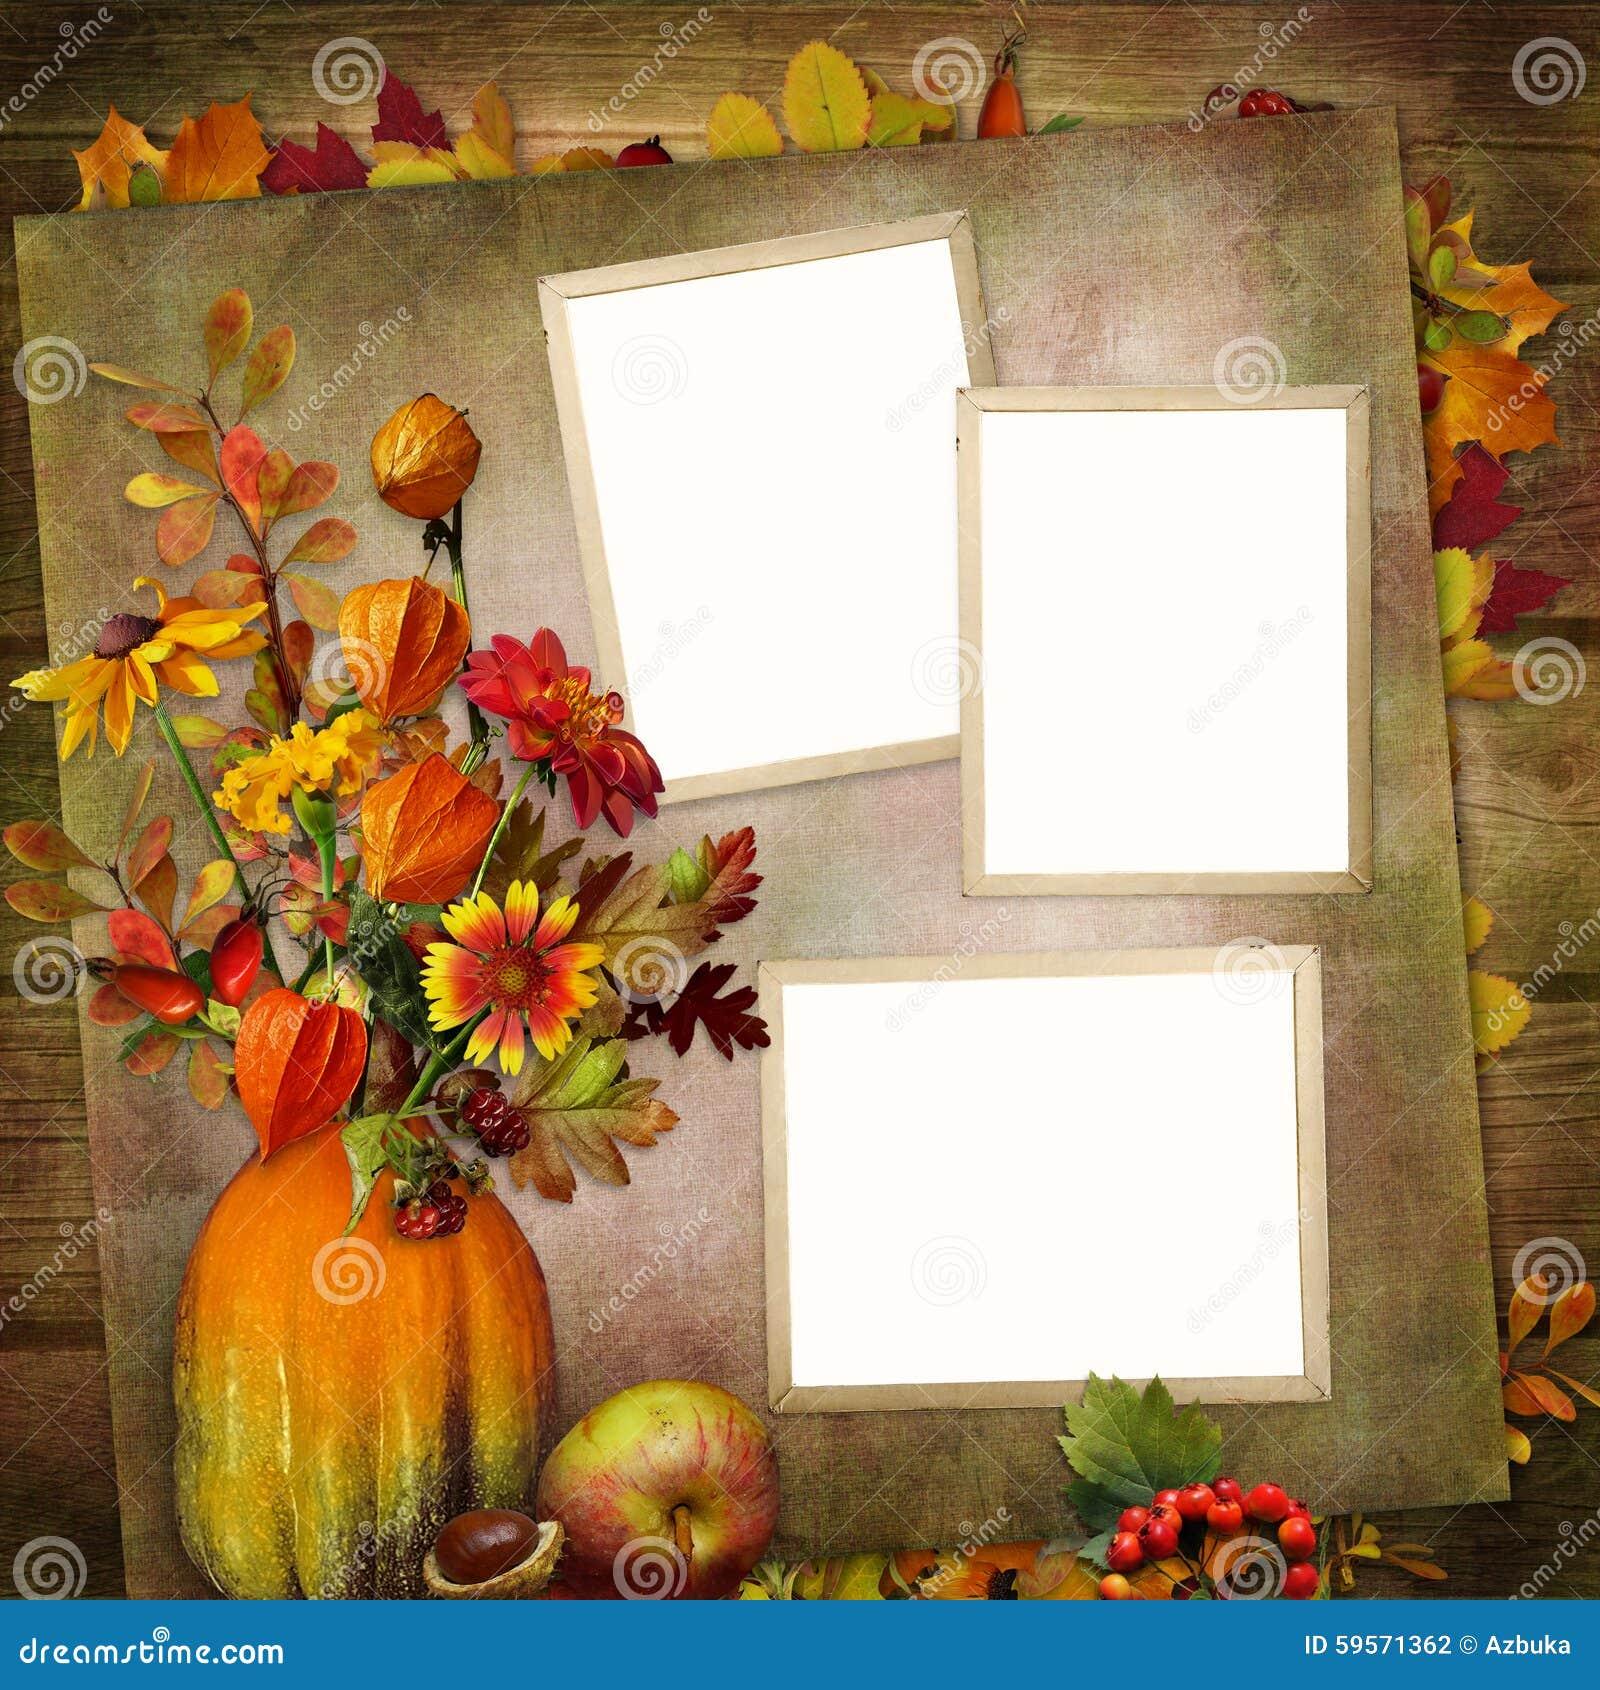 fond de vintage avec des cadres bouquet des feuilles d 39 automne et baies dans un vase de potiron. Black Bedroom Furniture Sets. Home Design Ideas